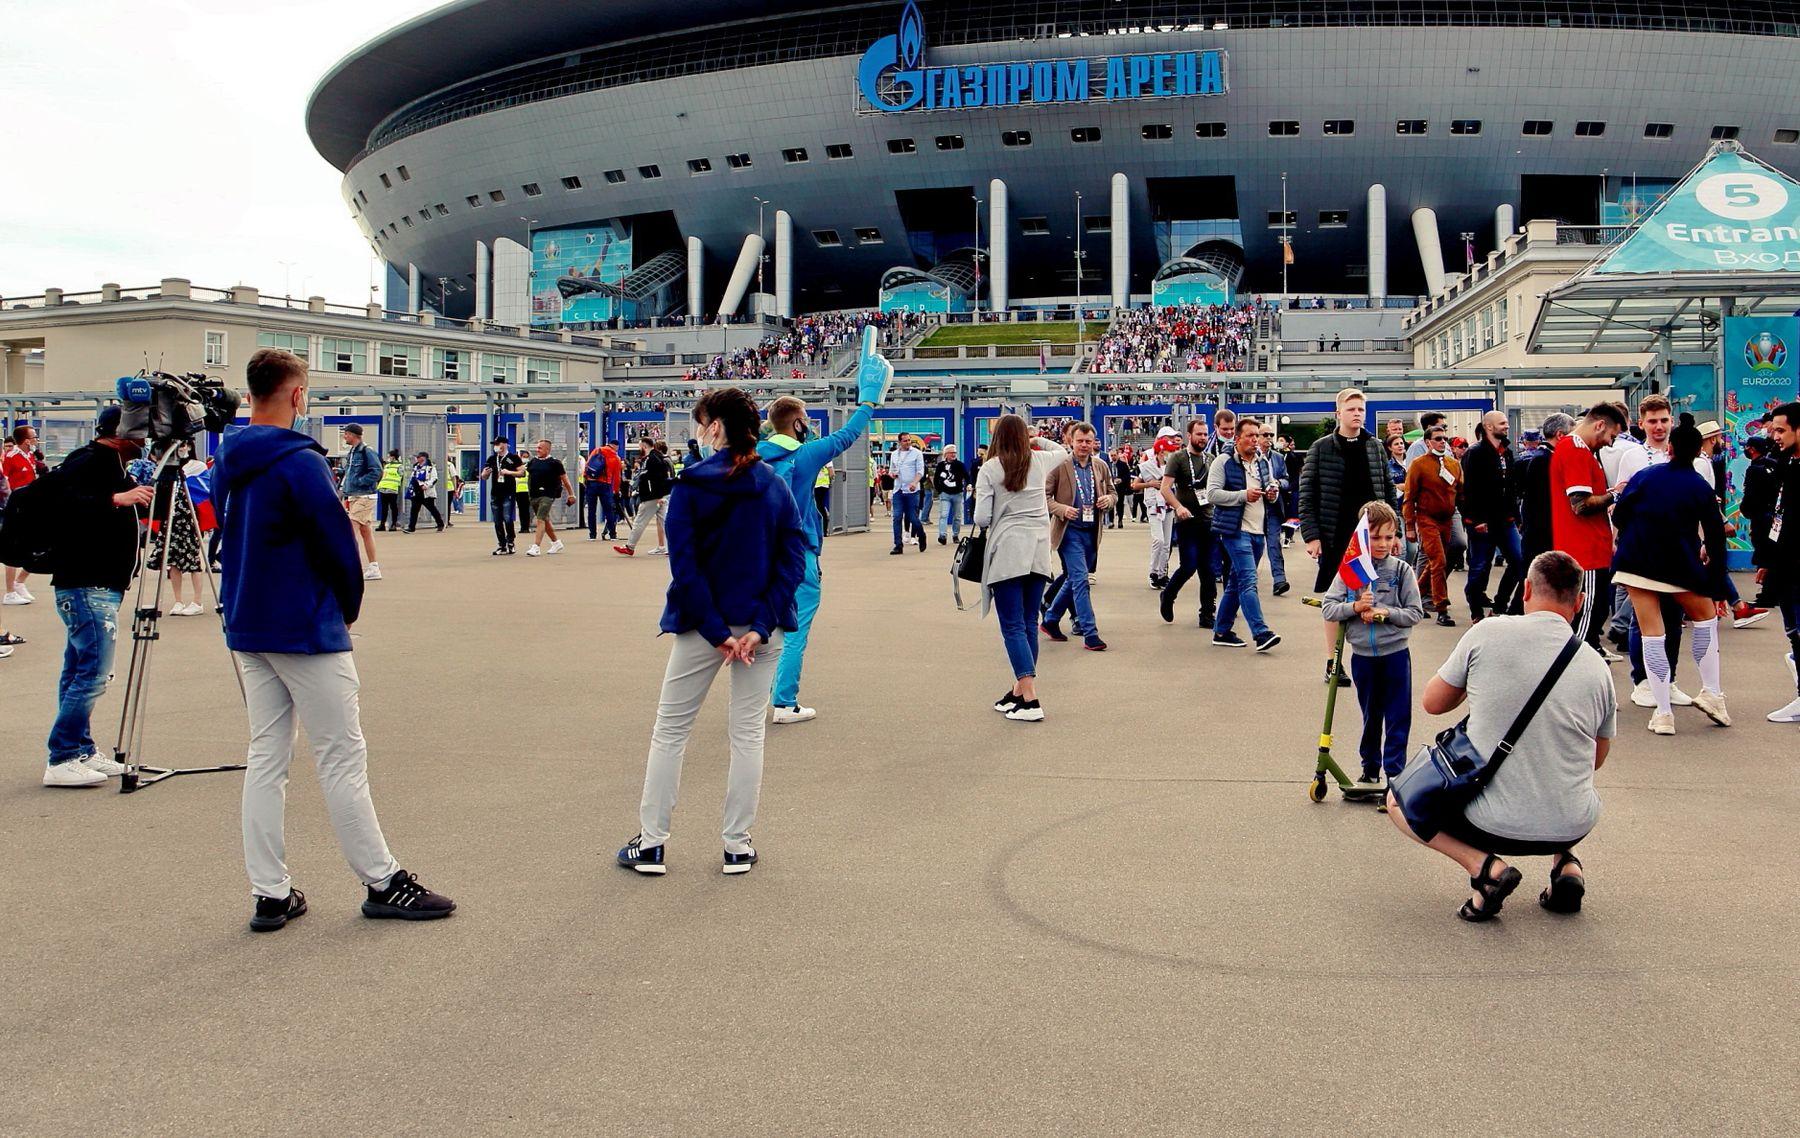 После матча Санкт-Петербург игры Чемпионата Европы по футболу